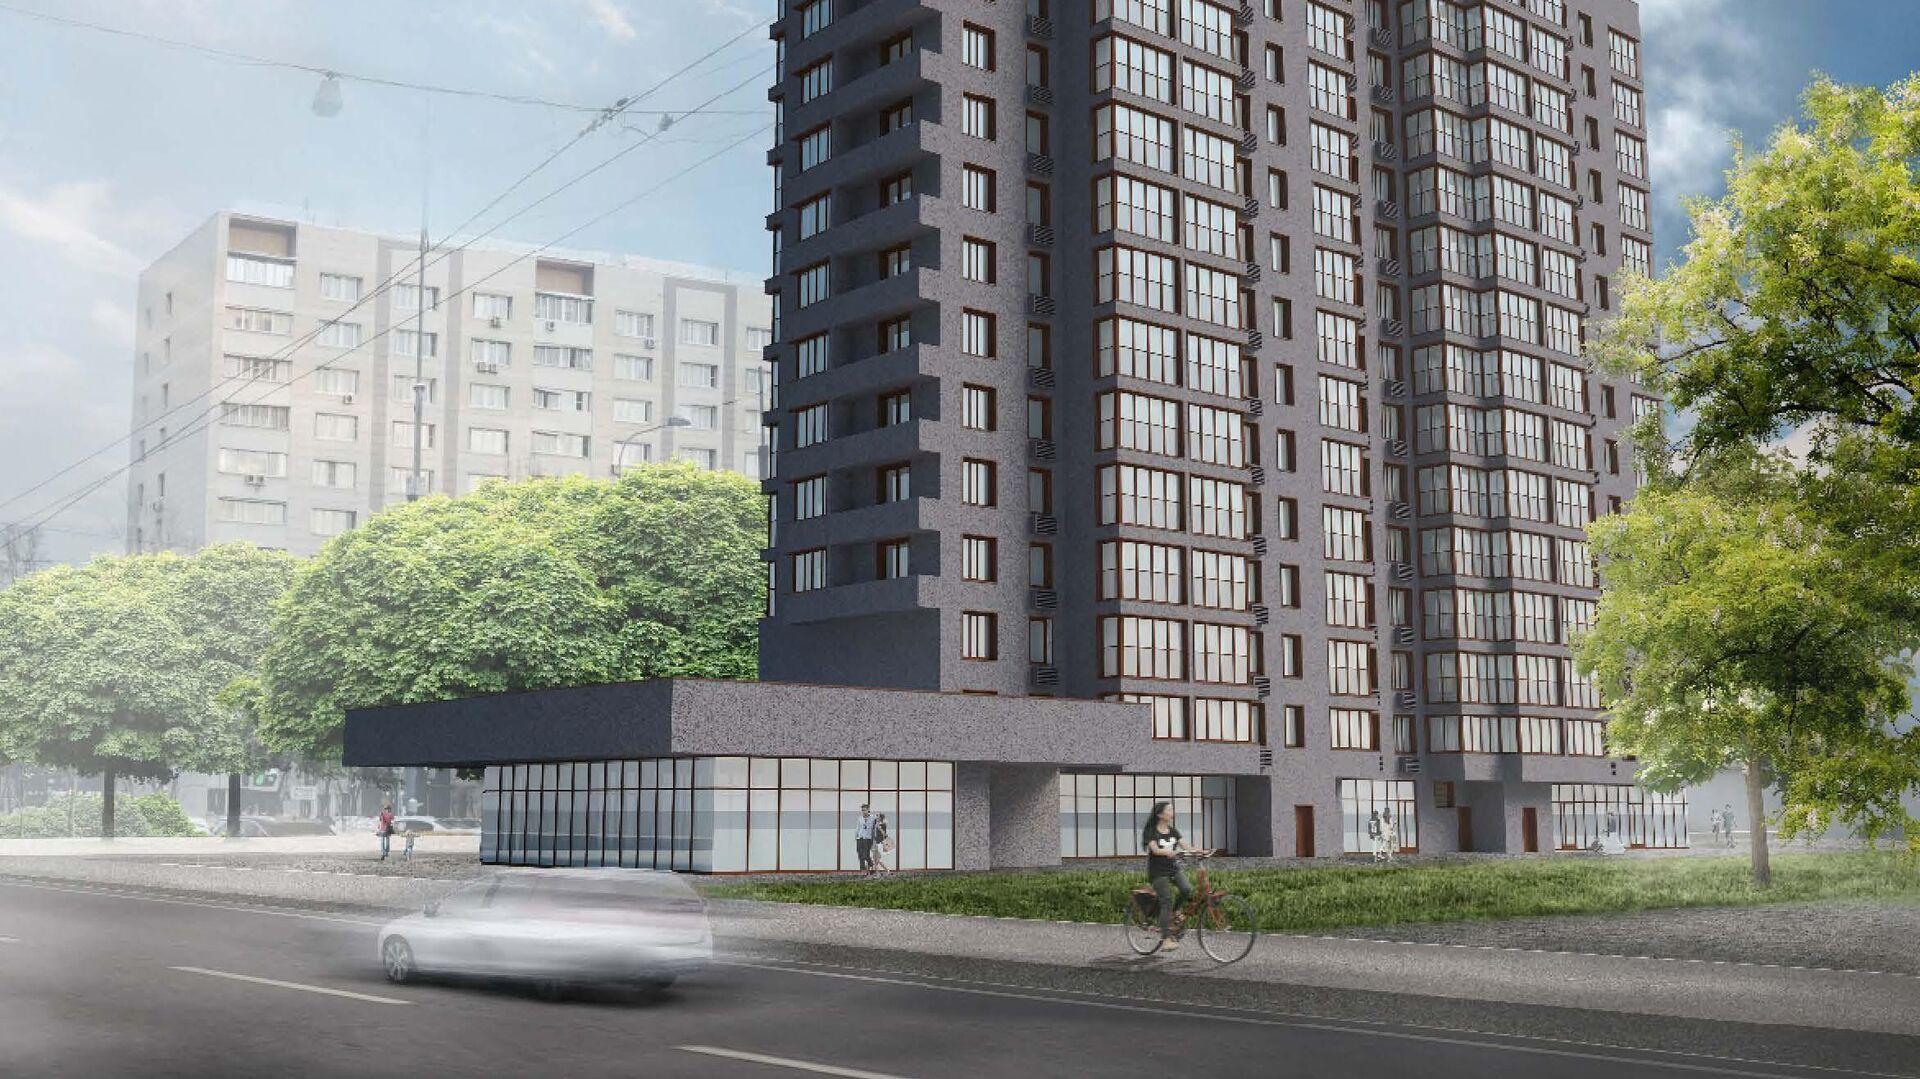 Проект дома по программе реновации в Басманном районе Москвы - РИА Новости, 1920, 28.09.2020